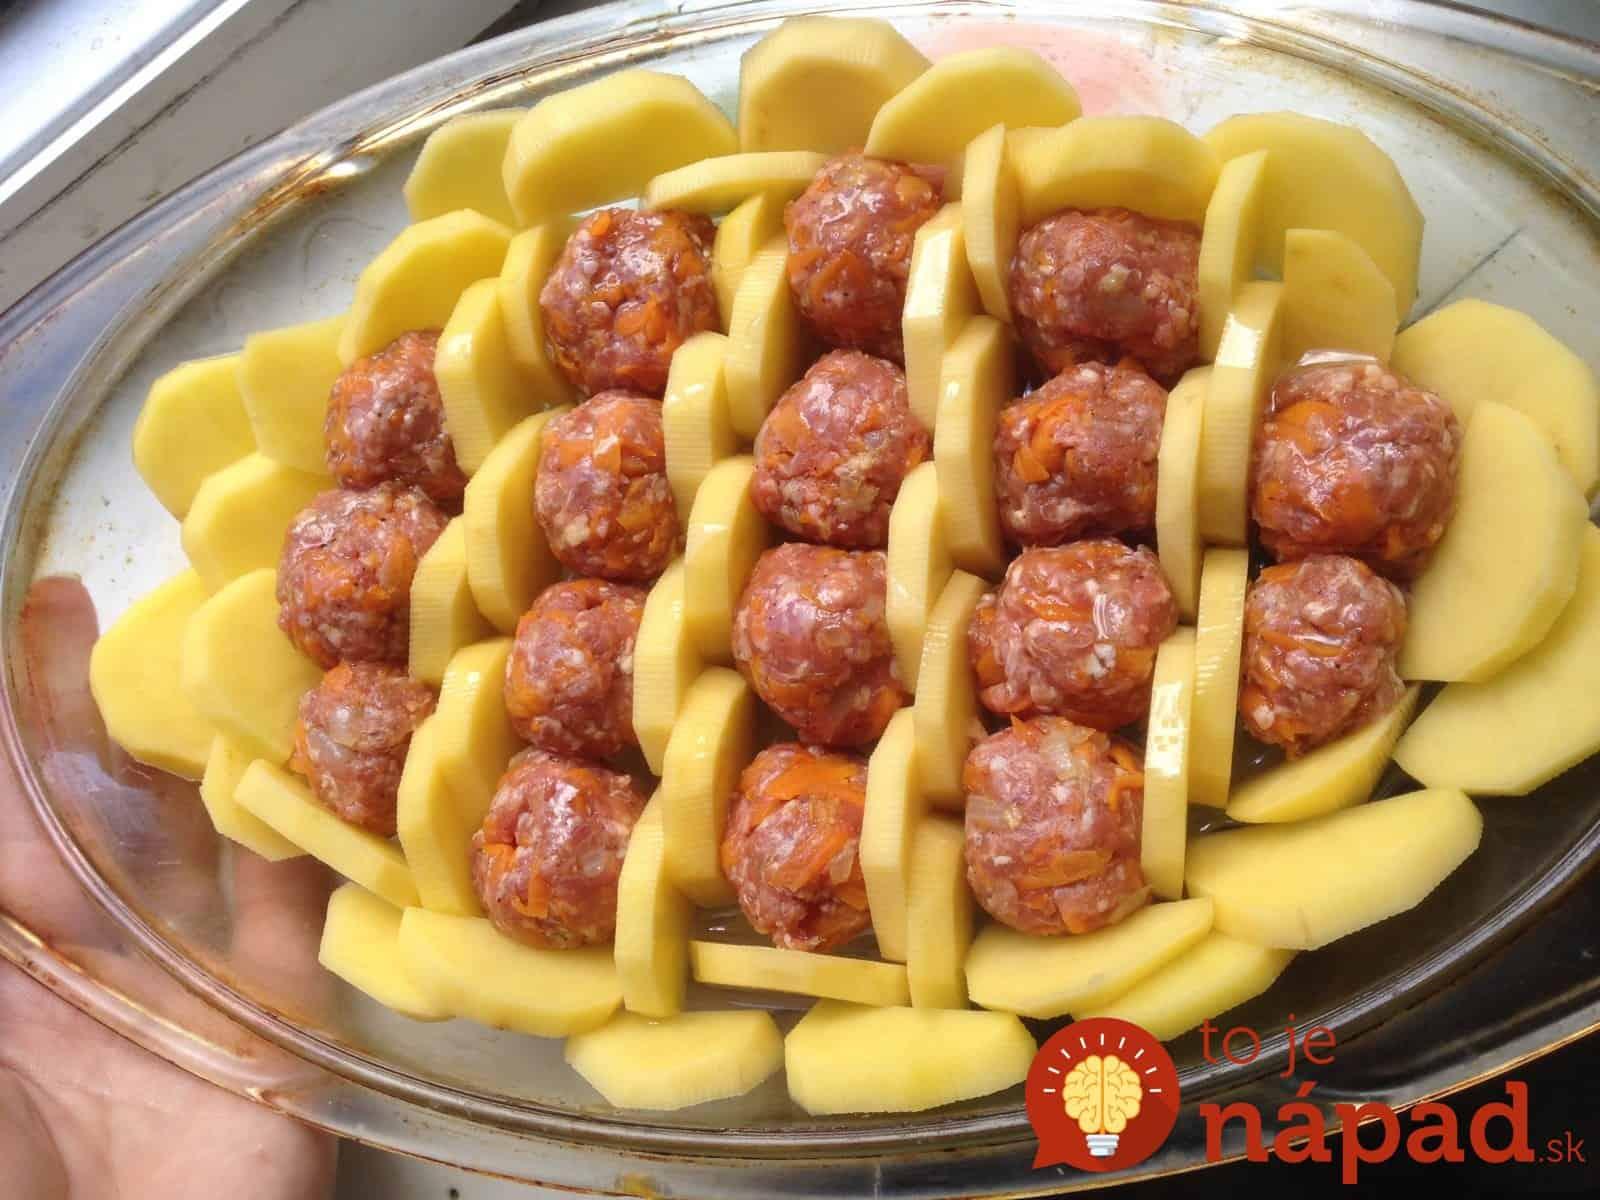 Картошка с тефтелями в духовке рецепт пошагово в